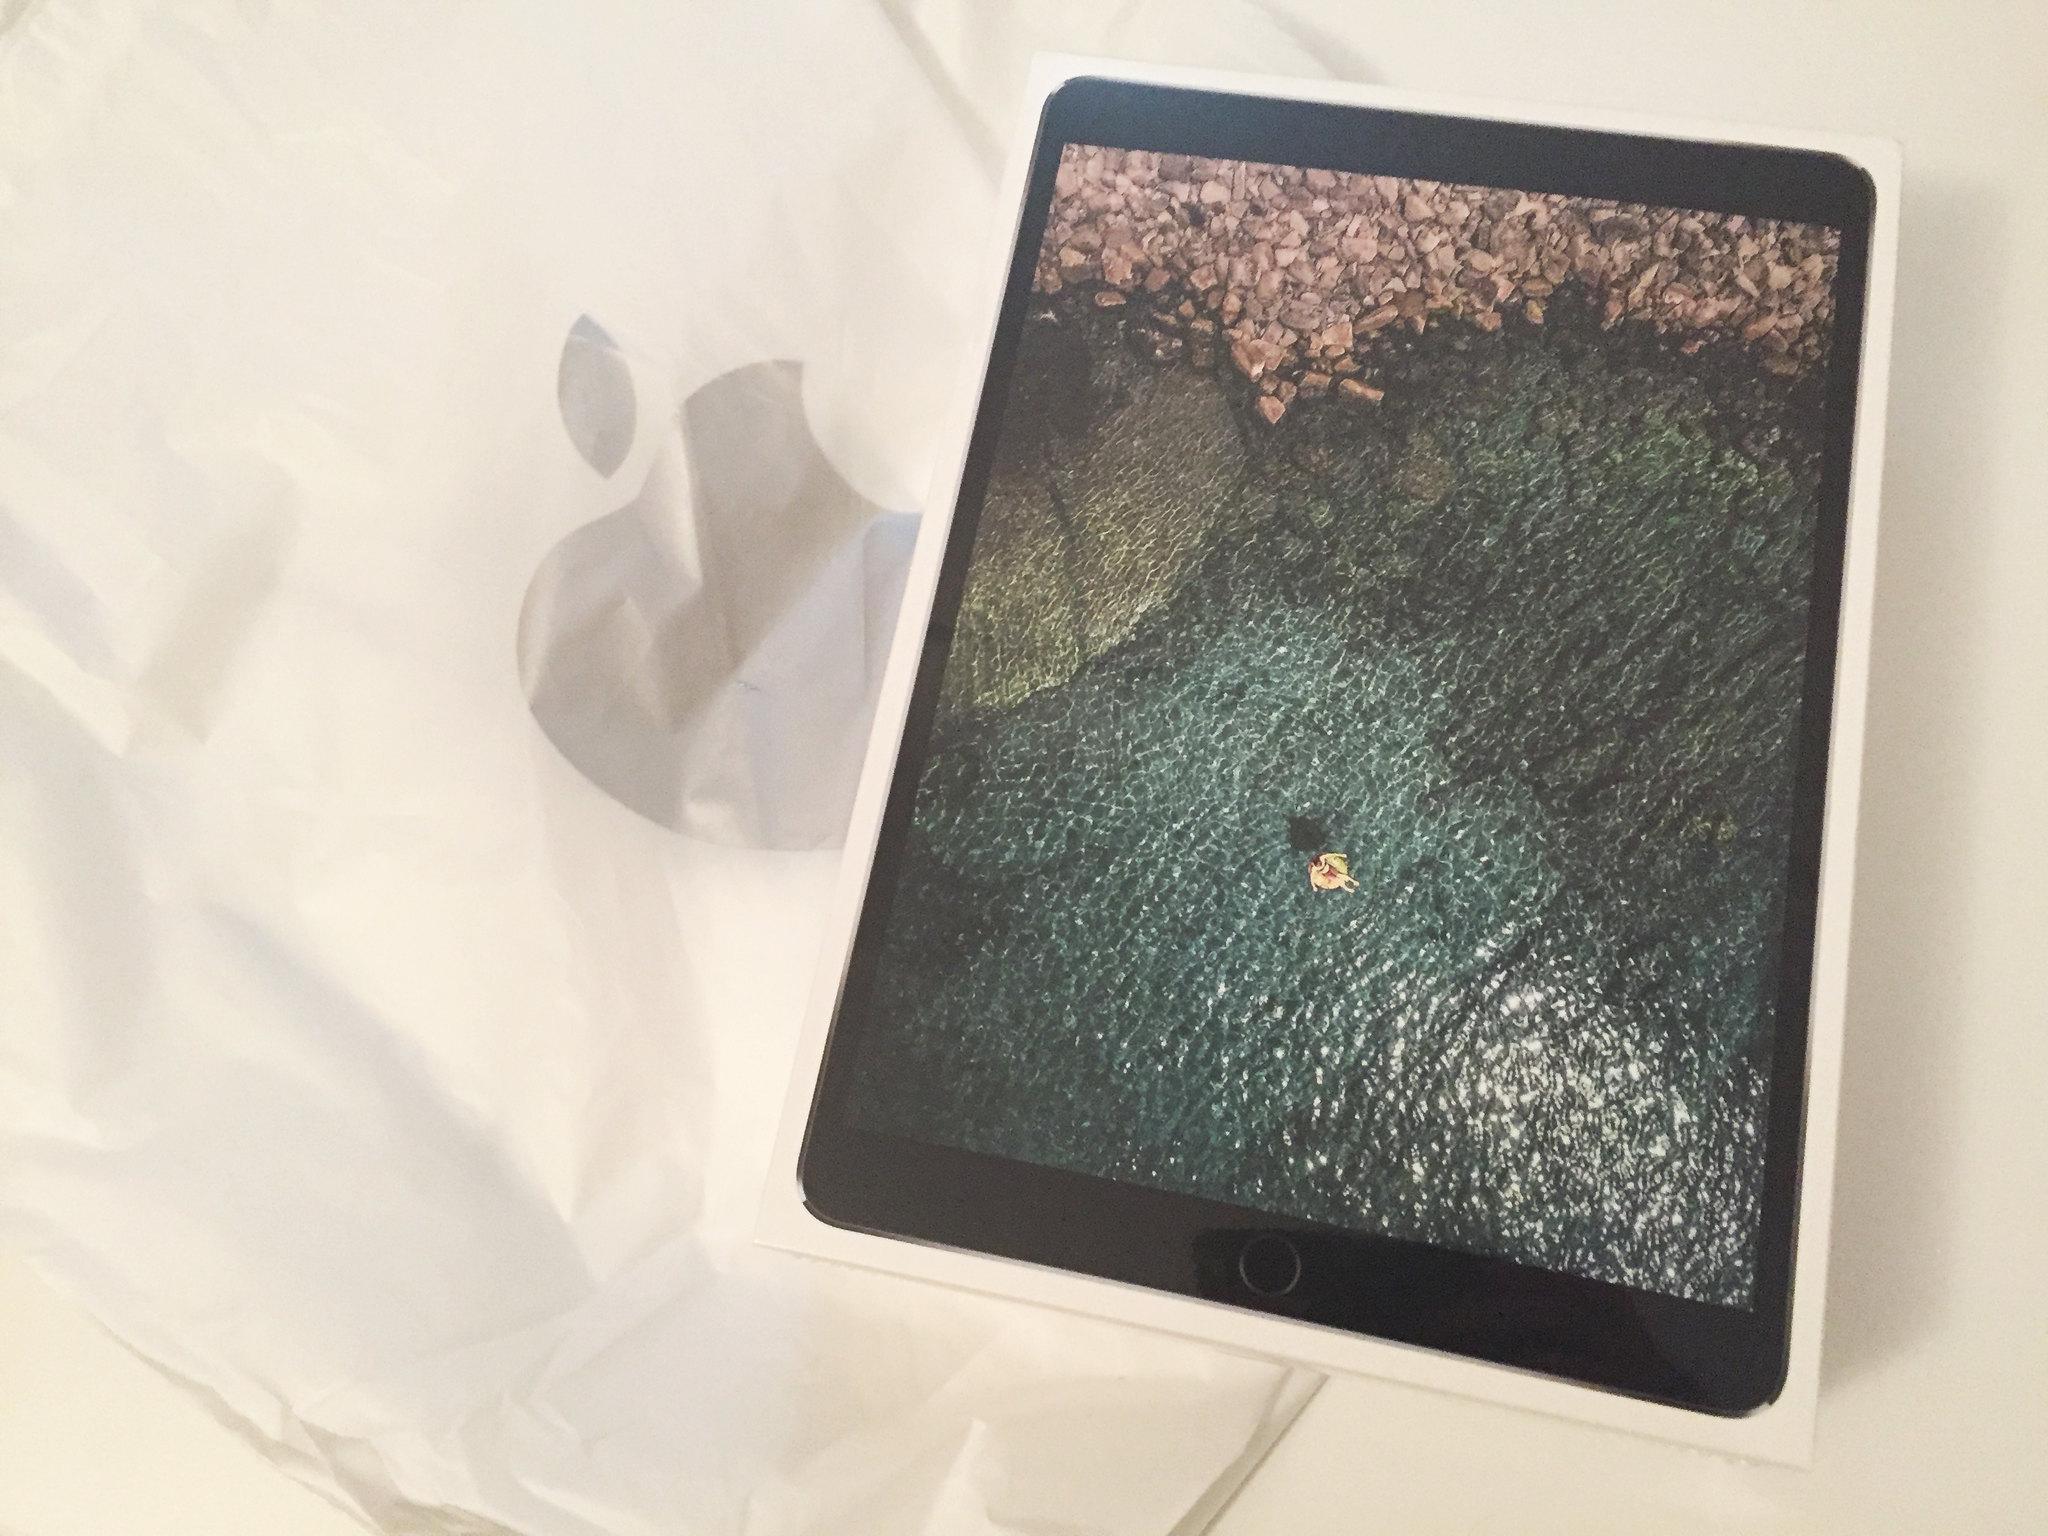 20170820 Première prise en main de l'iPad Pro 10,5'' 1